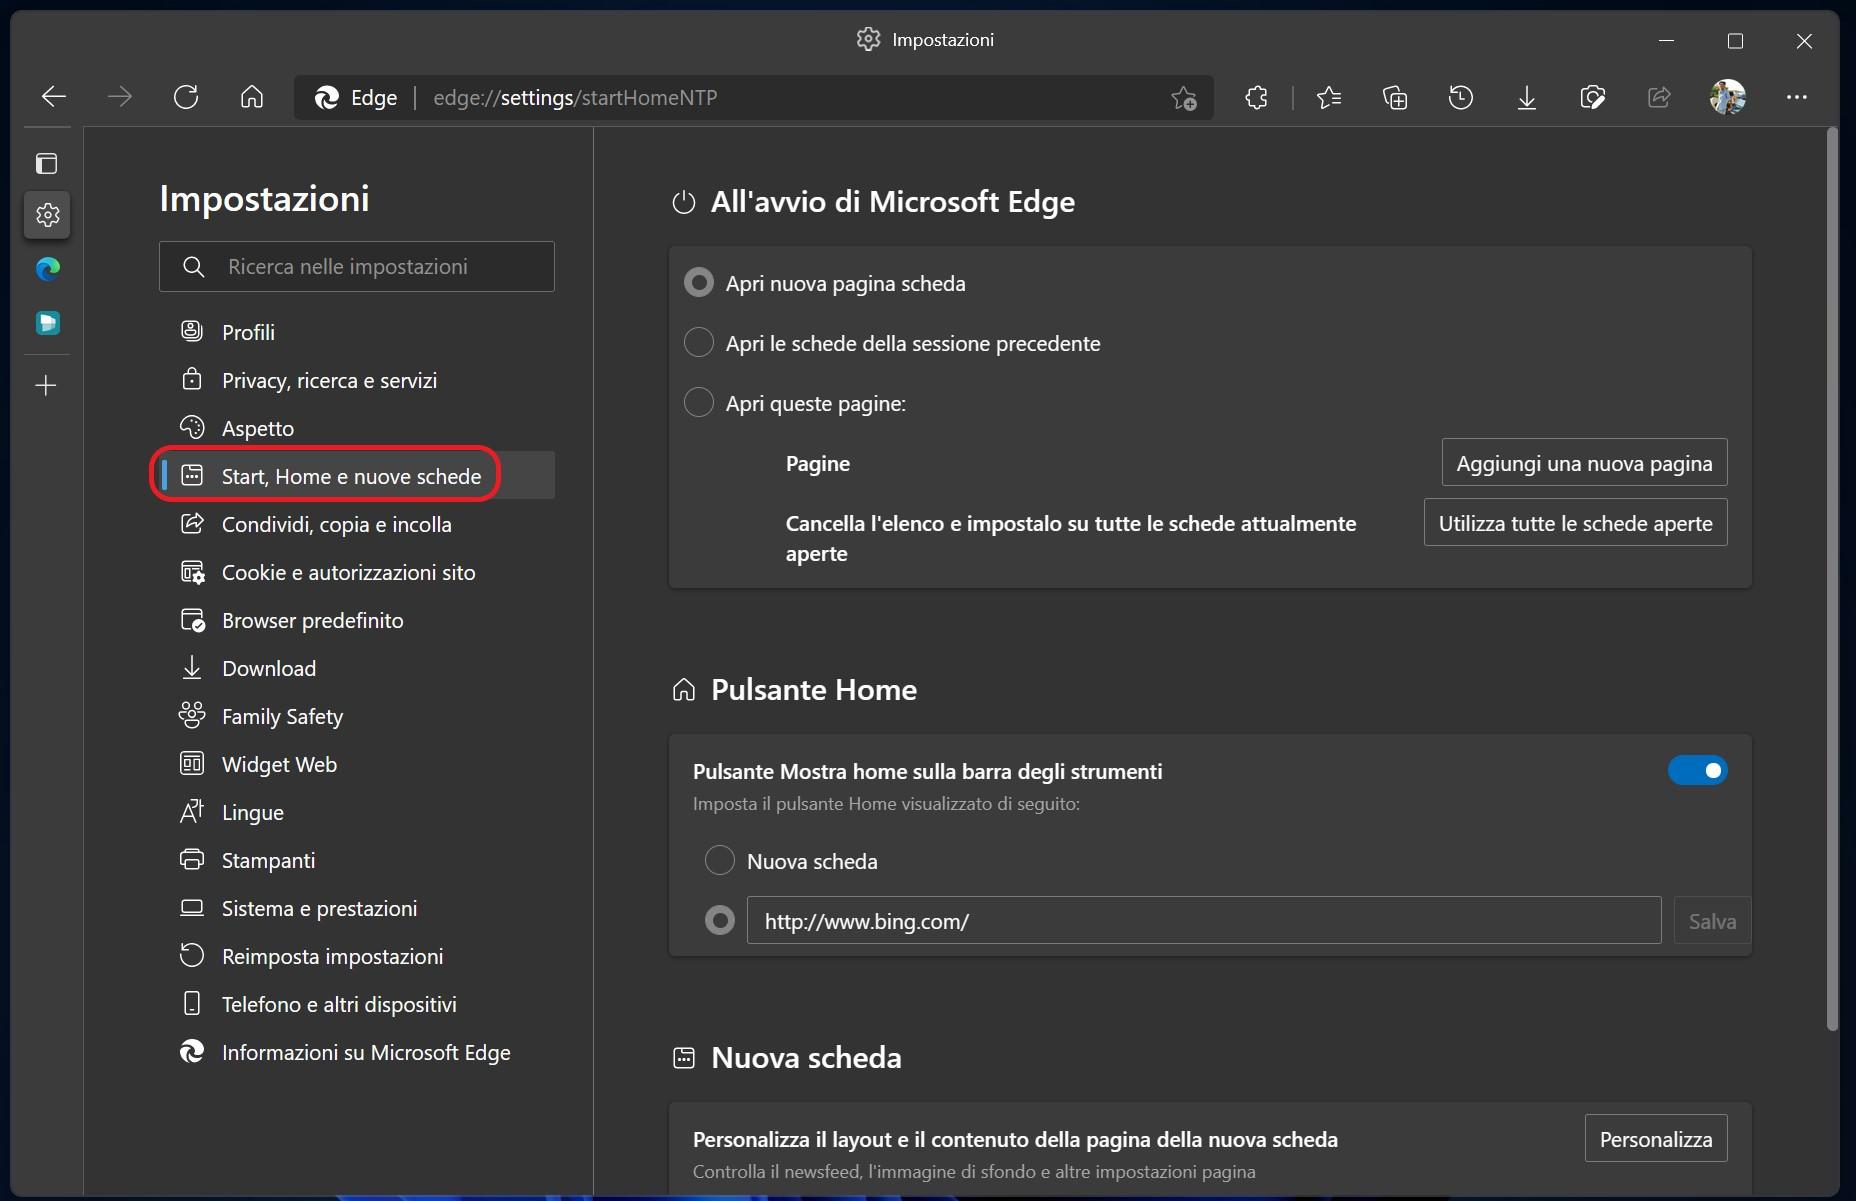 Microsoft Edge Dev - Pagina impostazioni Start, Home e nuove schede